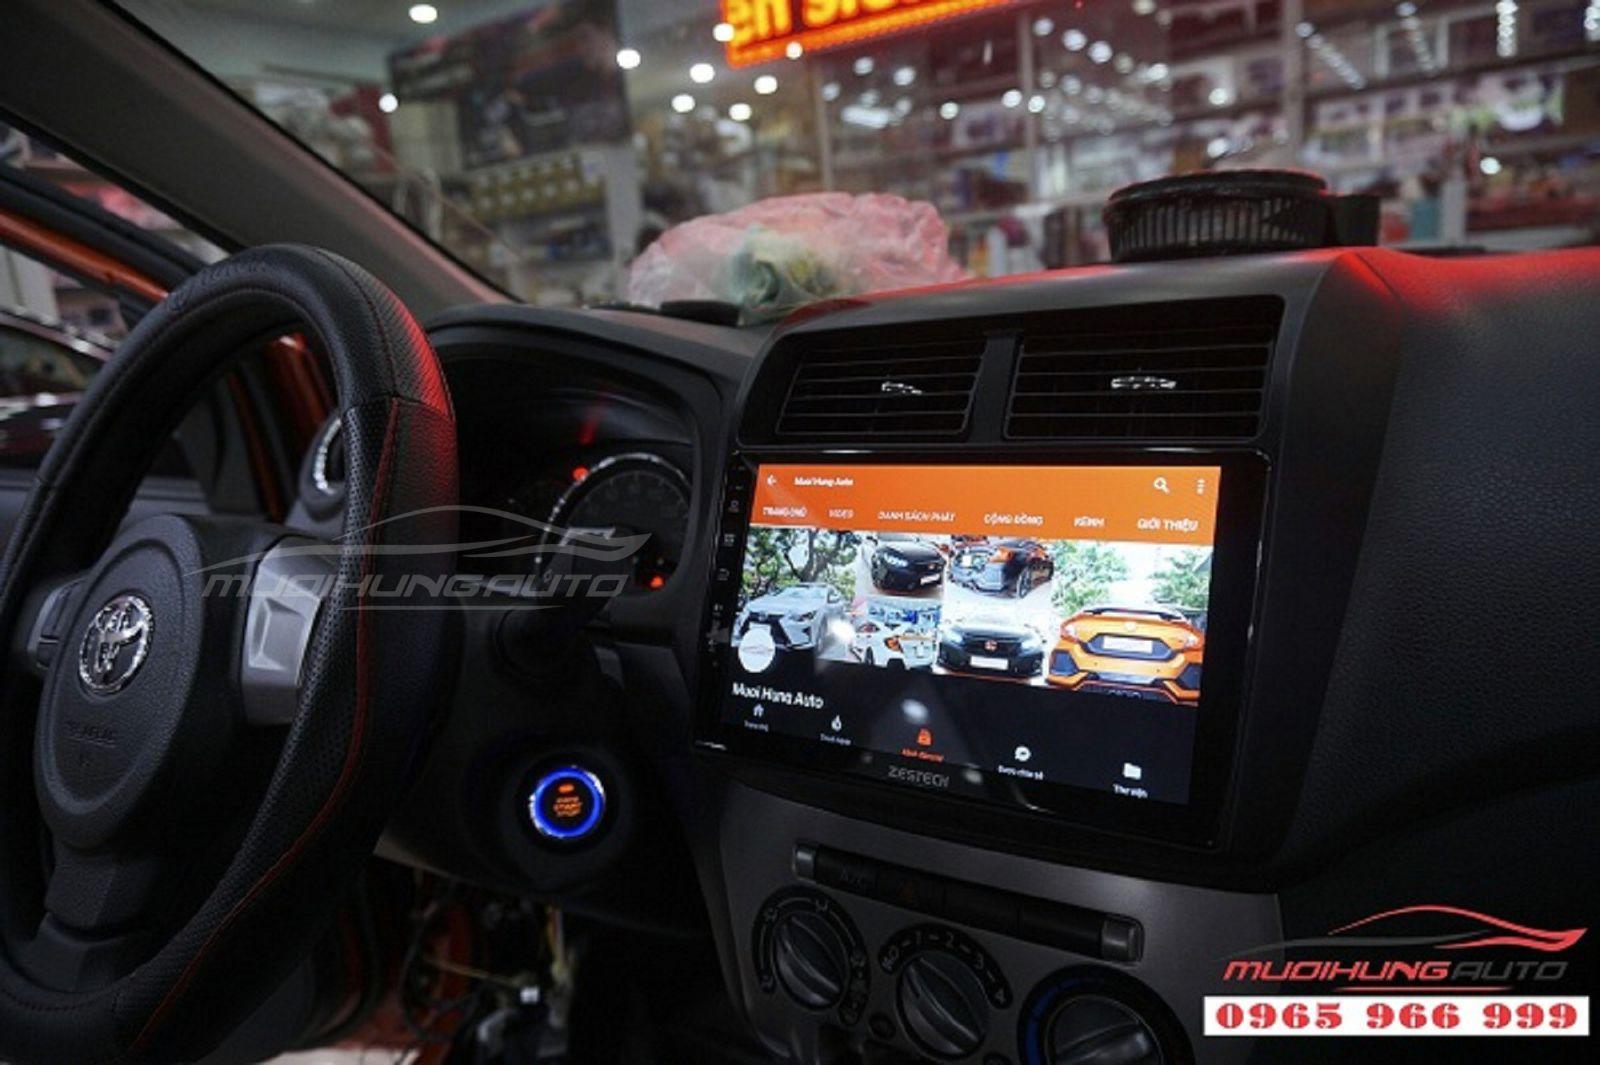 DVD Zestech Z500 chính hãng cho xe Toyota Wigo 06